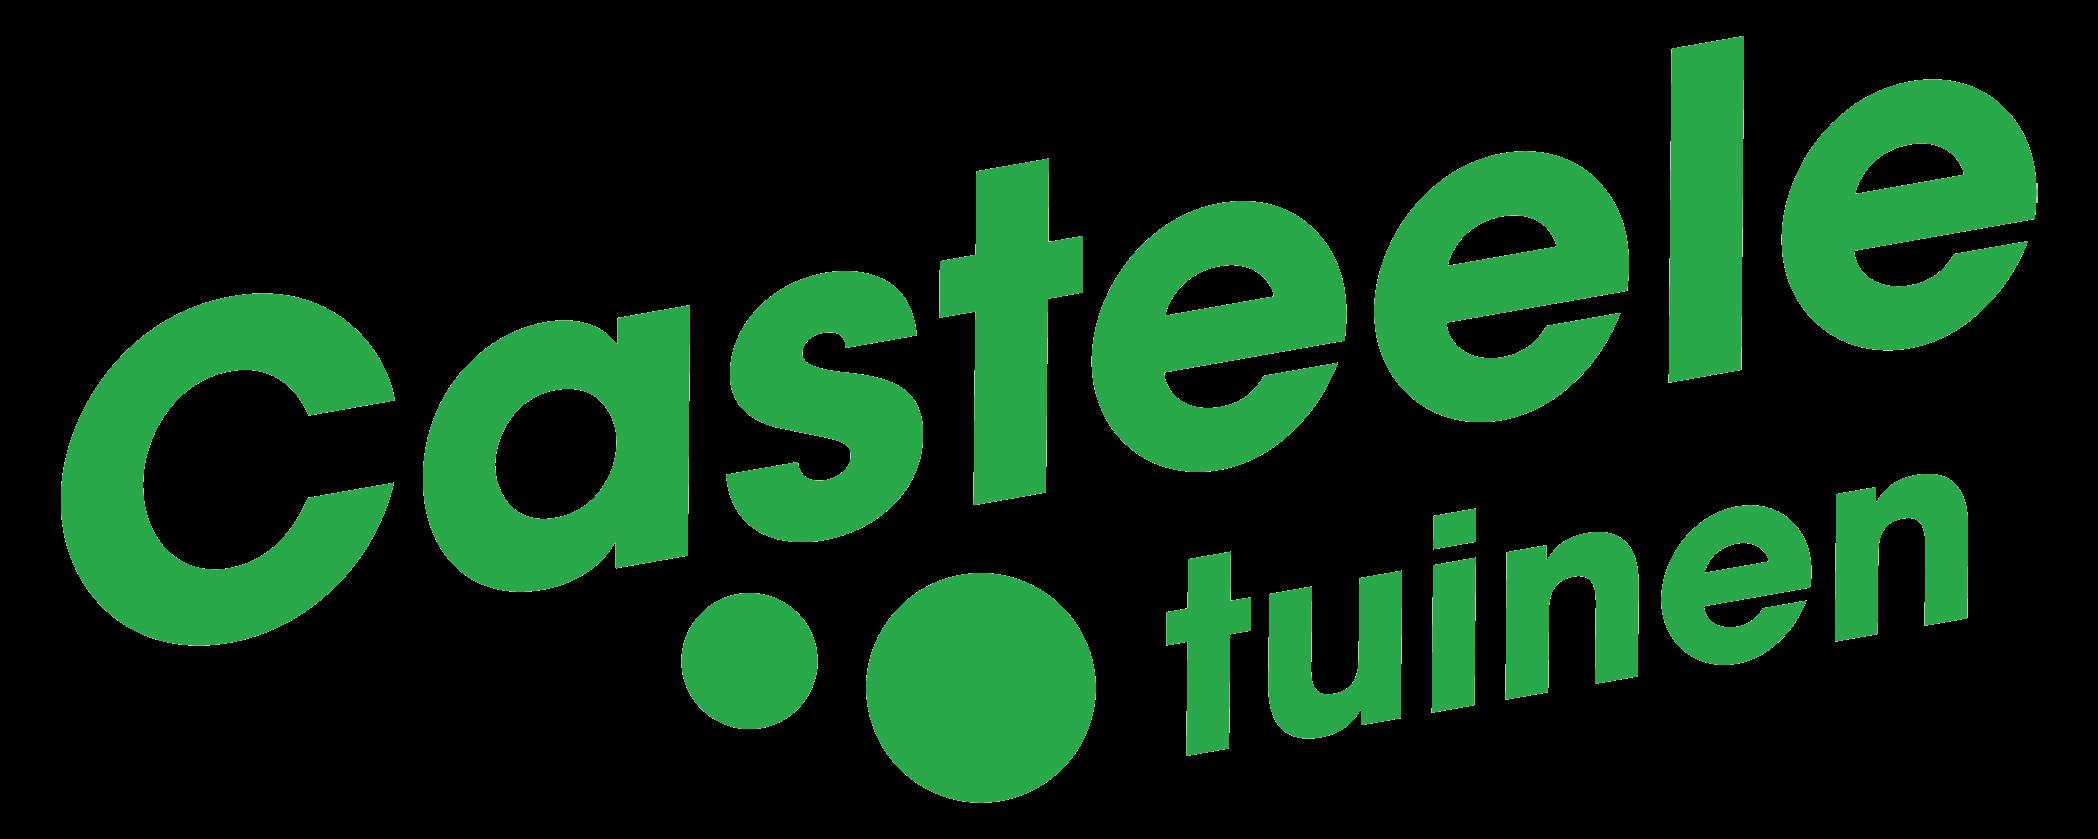 Casteele tuinen - Tuin en terras - Verharding en groenwerken